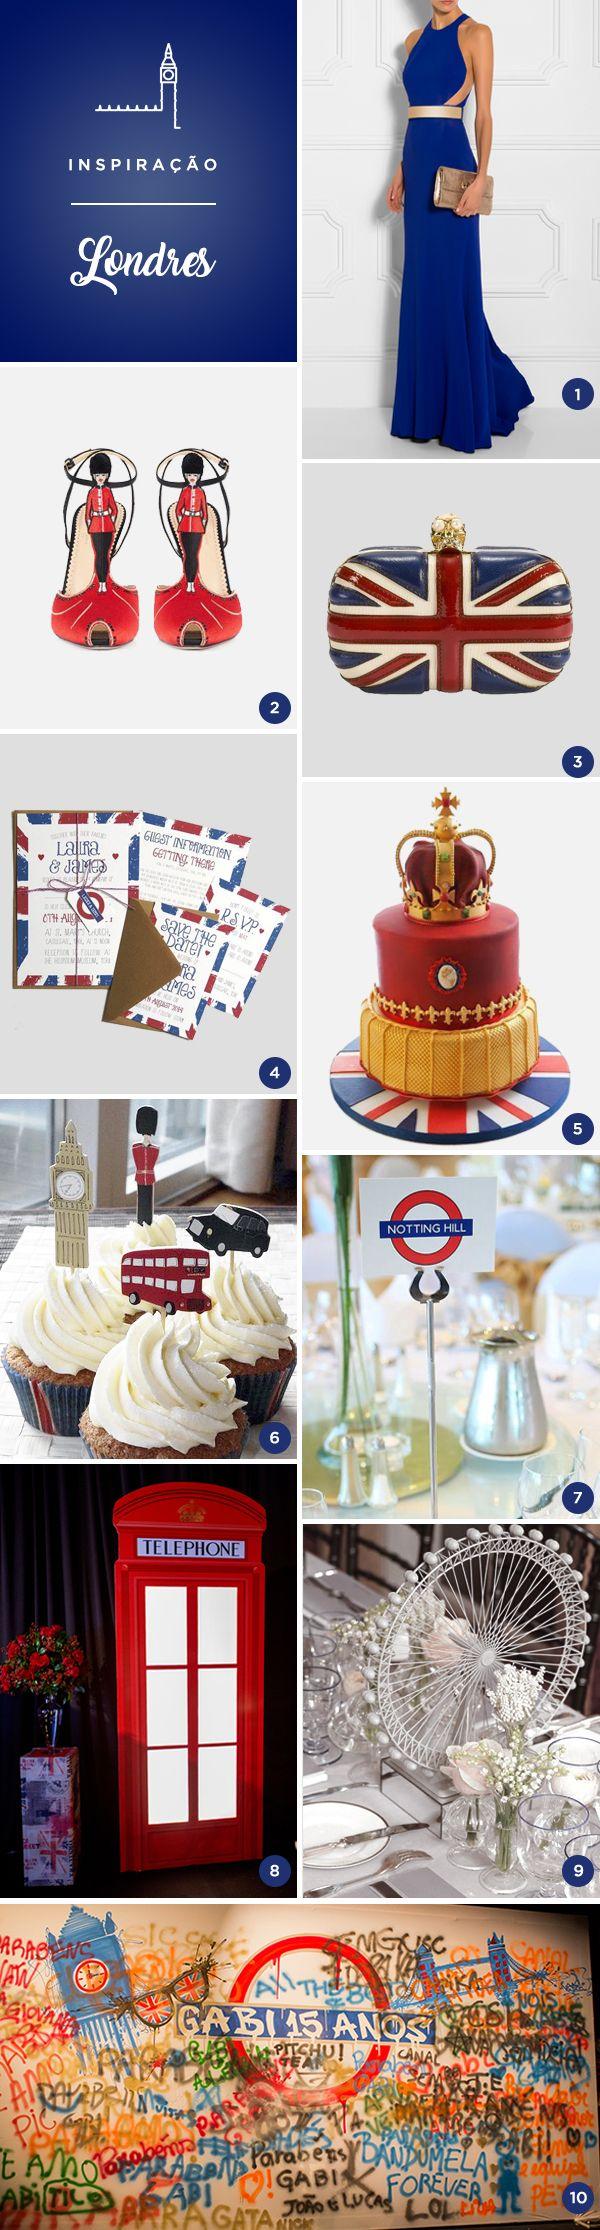 Que tal uma festa de 15 anos inspirada em Londres? Para quem gosta da ideia, reunimos 10 referências lindas, de bolo, convite, vestido, decoração...